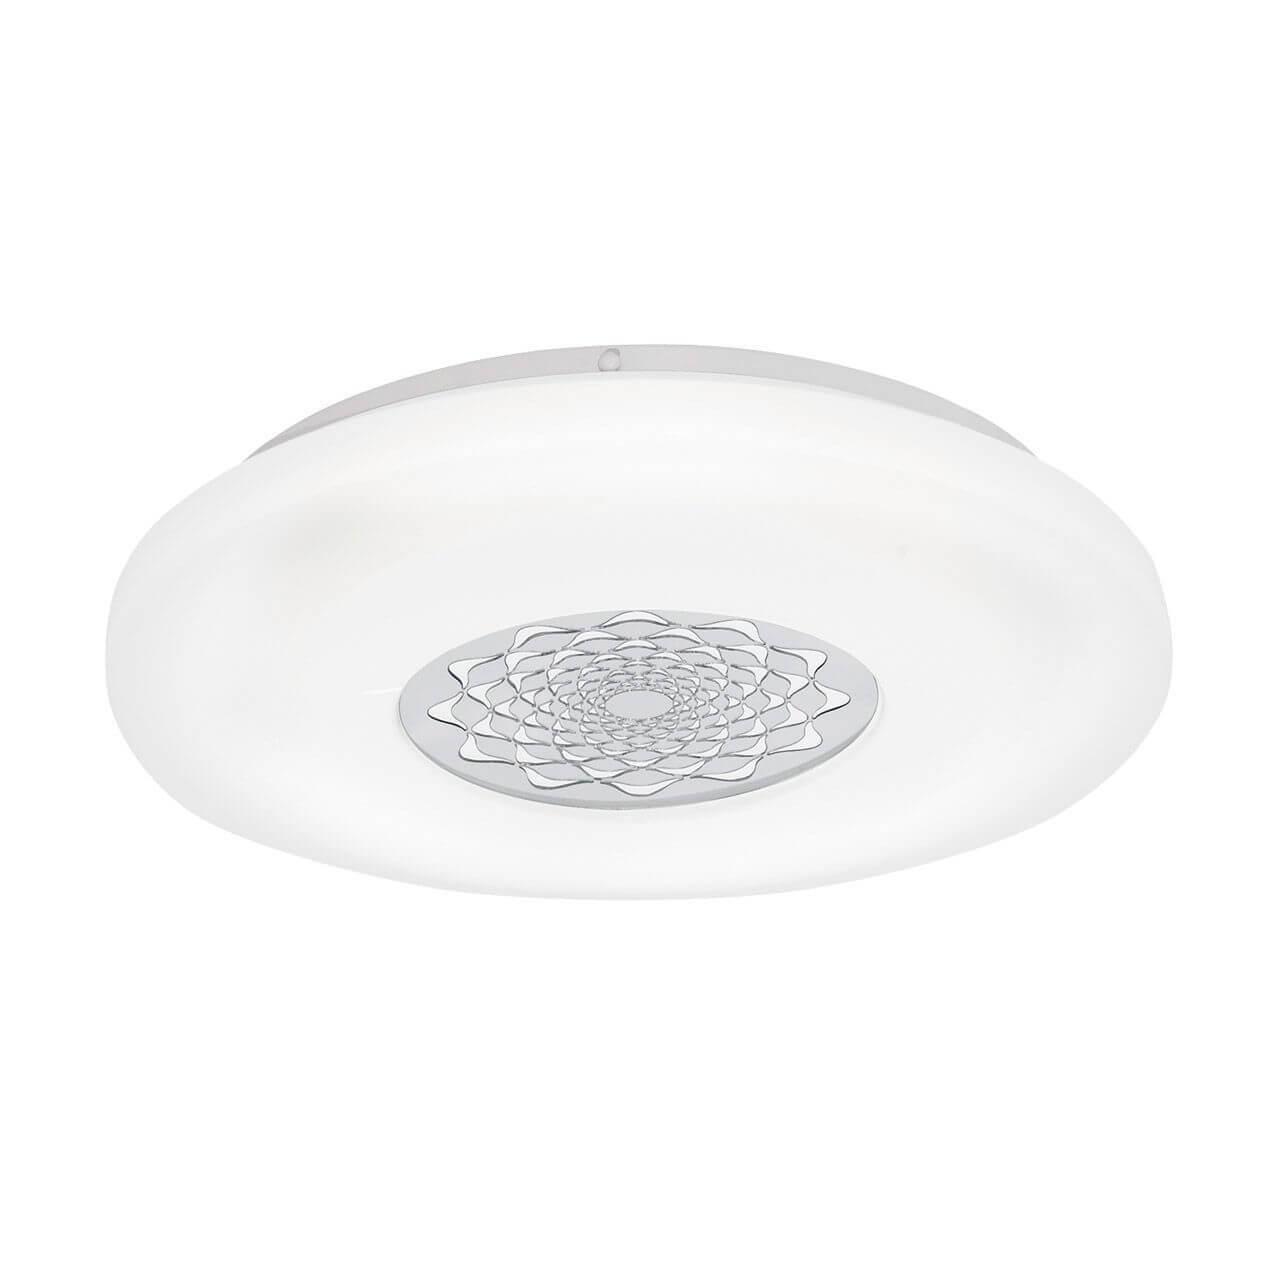 Потолочный светодиодный светильник Eglo Capasso 1 96026 все цены